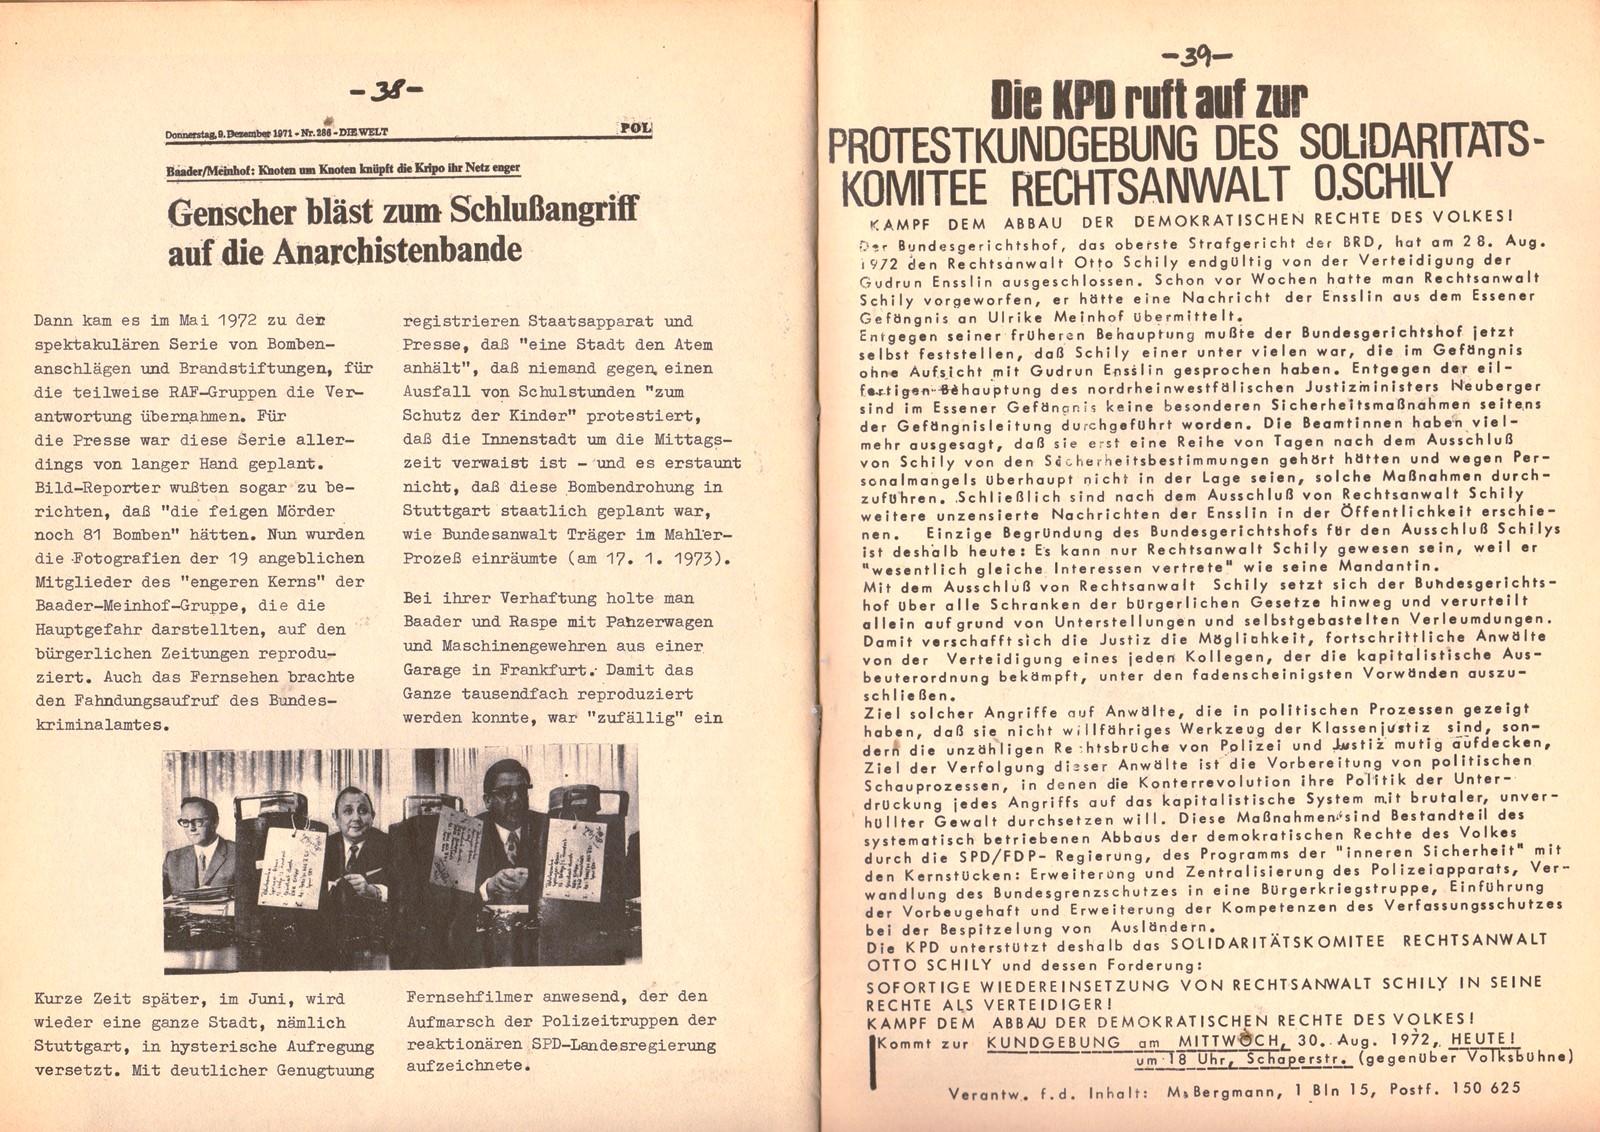 Berlin_RH_1973_zu_Horst_Mahler_21